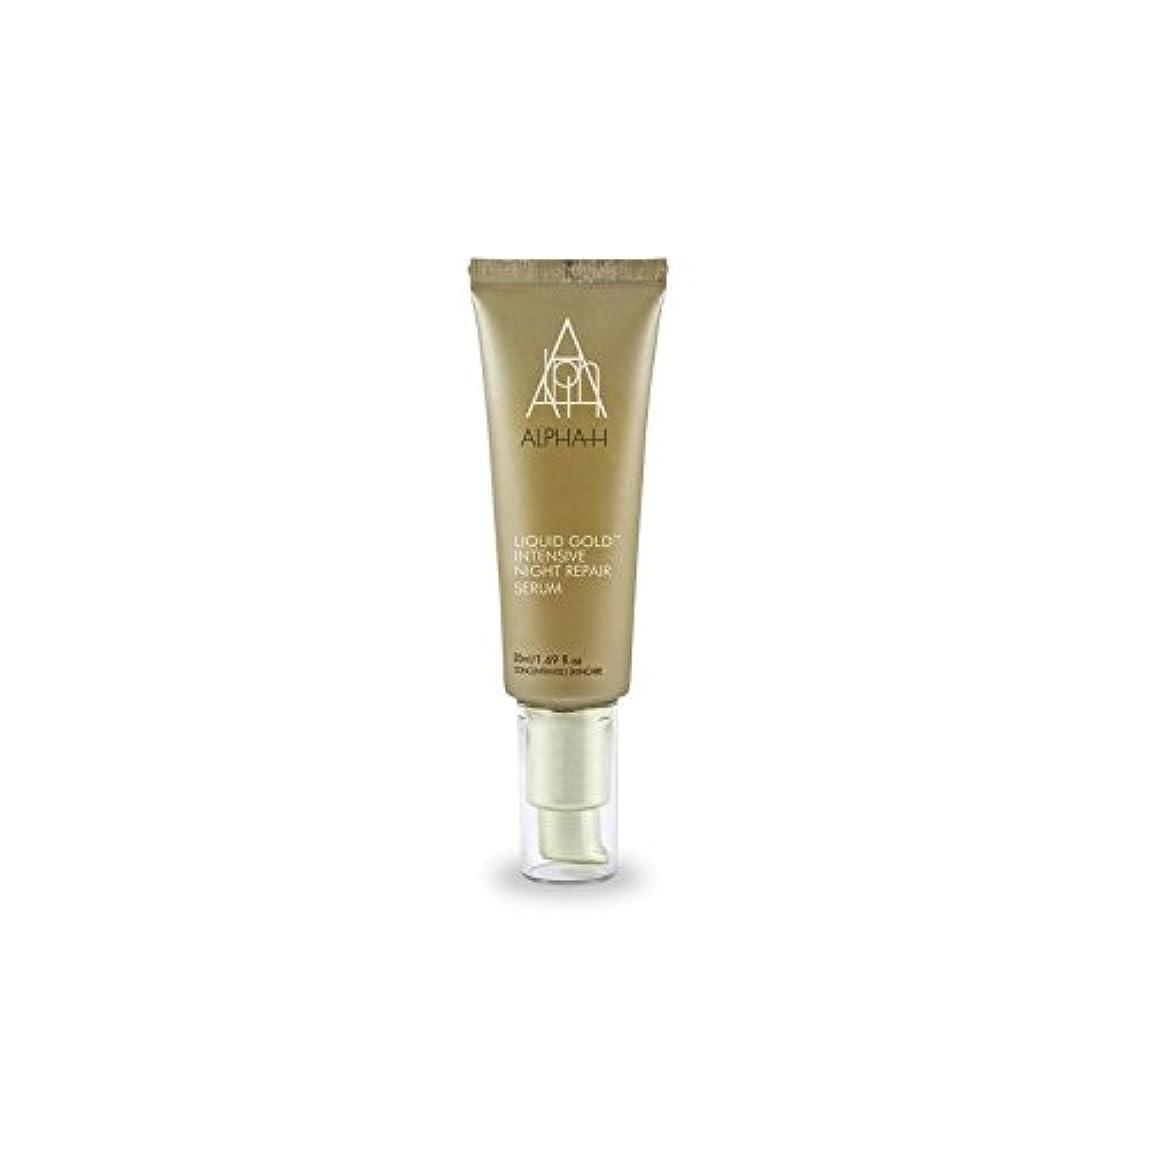 に渡って機動分析するアルファ時間の液体の金の集中夜の修理血清(50ミリリットル) x2 - Alpha-H Liquid Gold Intensive Night Repair Serum (50ml) (Pack of 2) [並行輸入品]